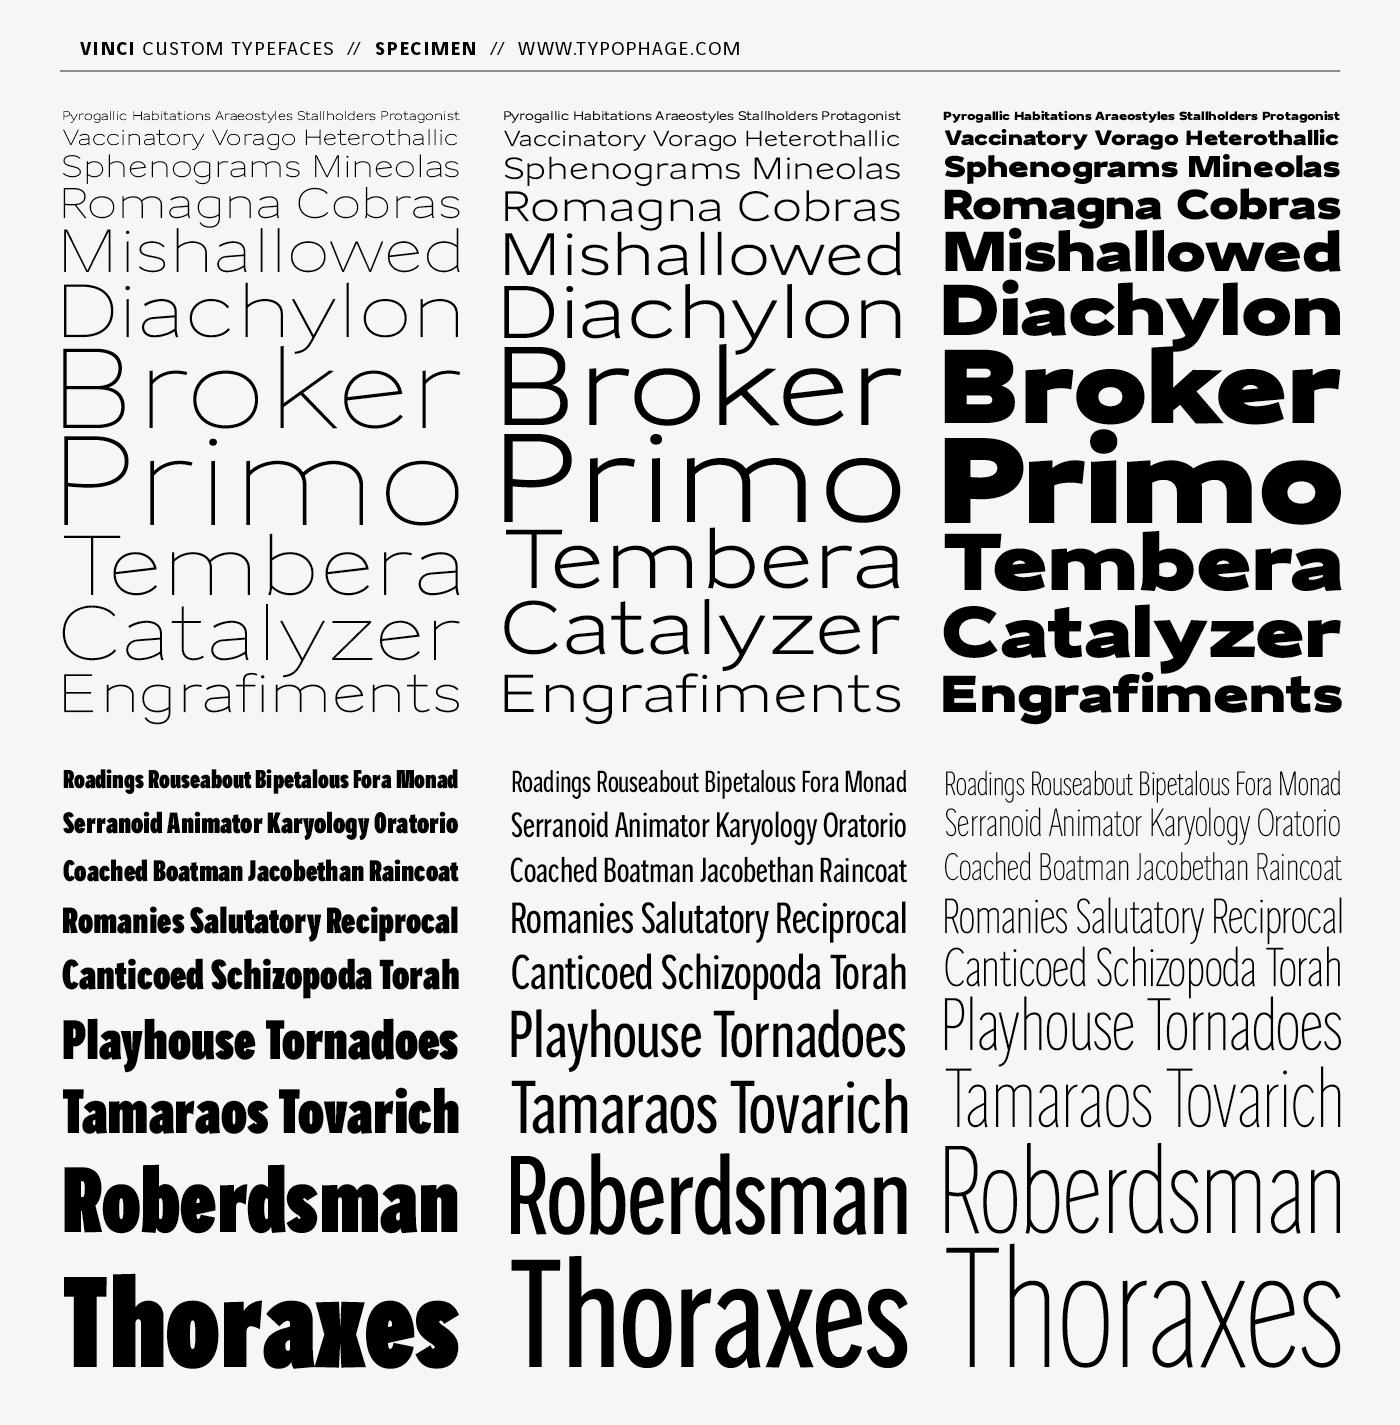 Typographies exclusives Vinci. Specimen de caractères.